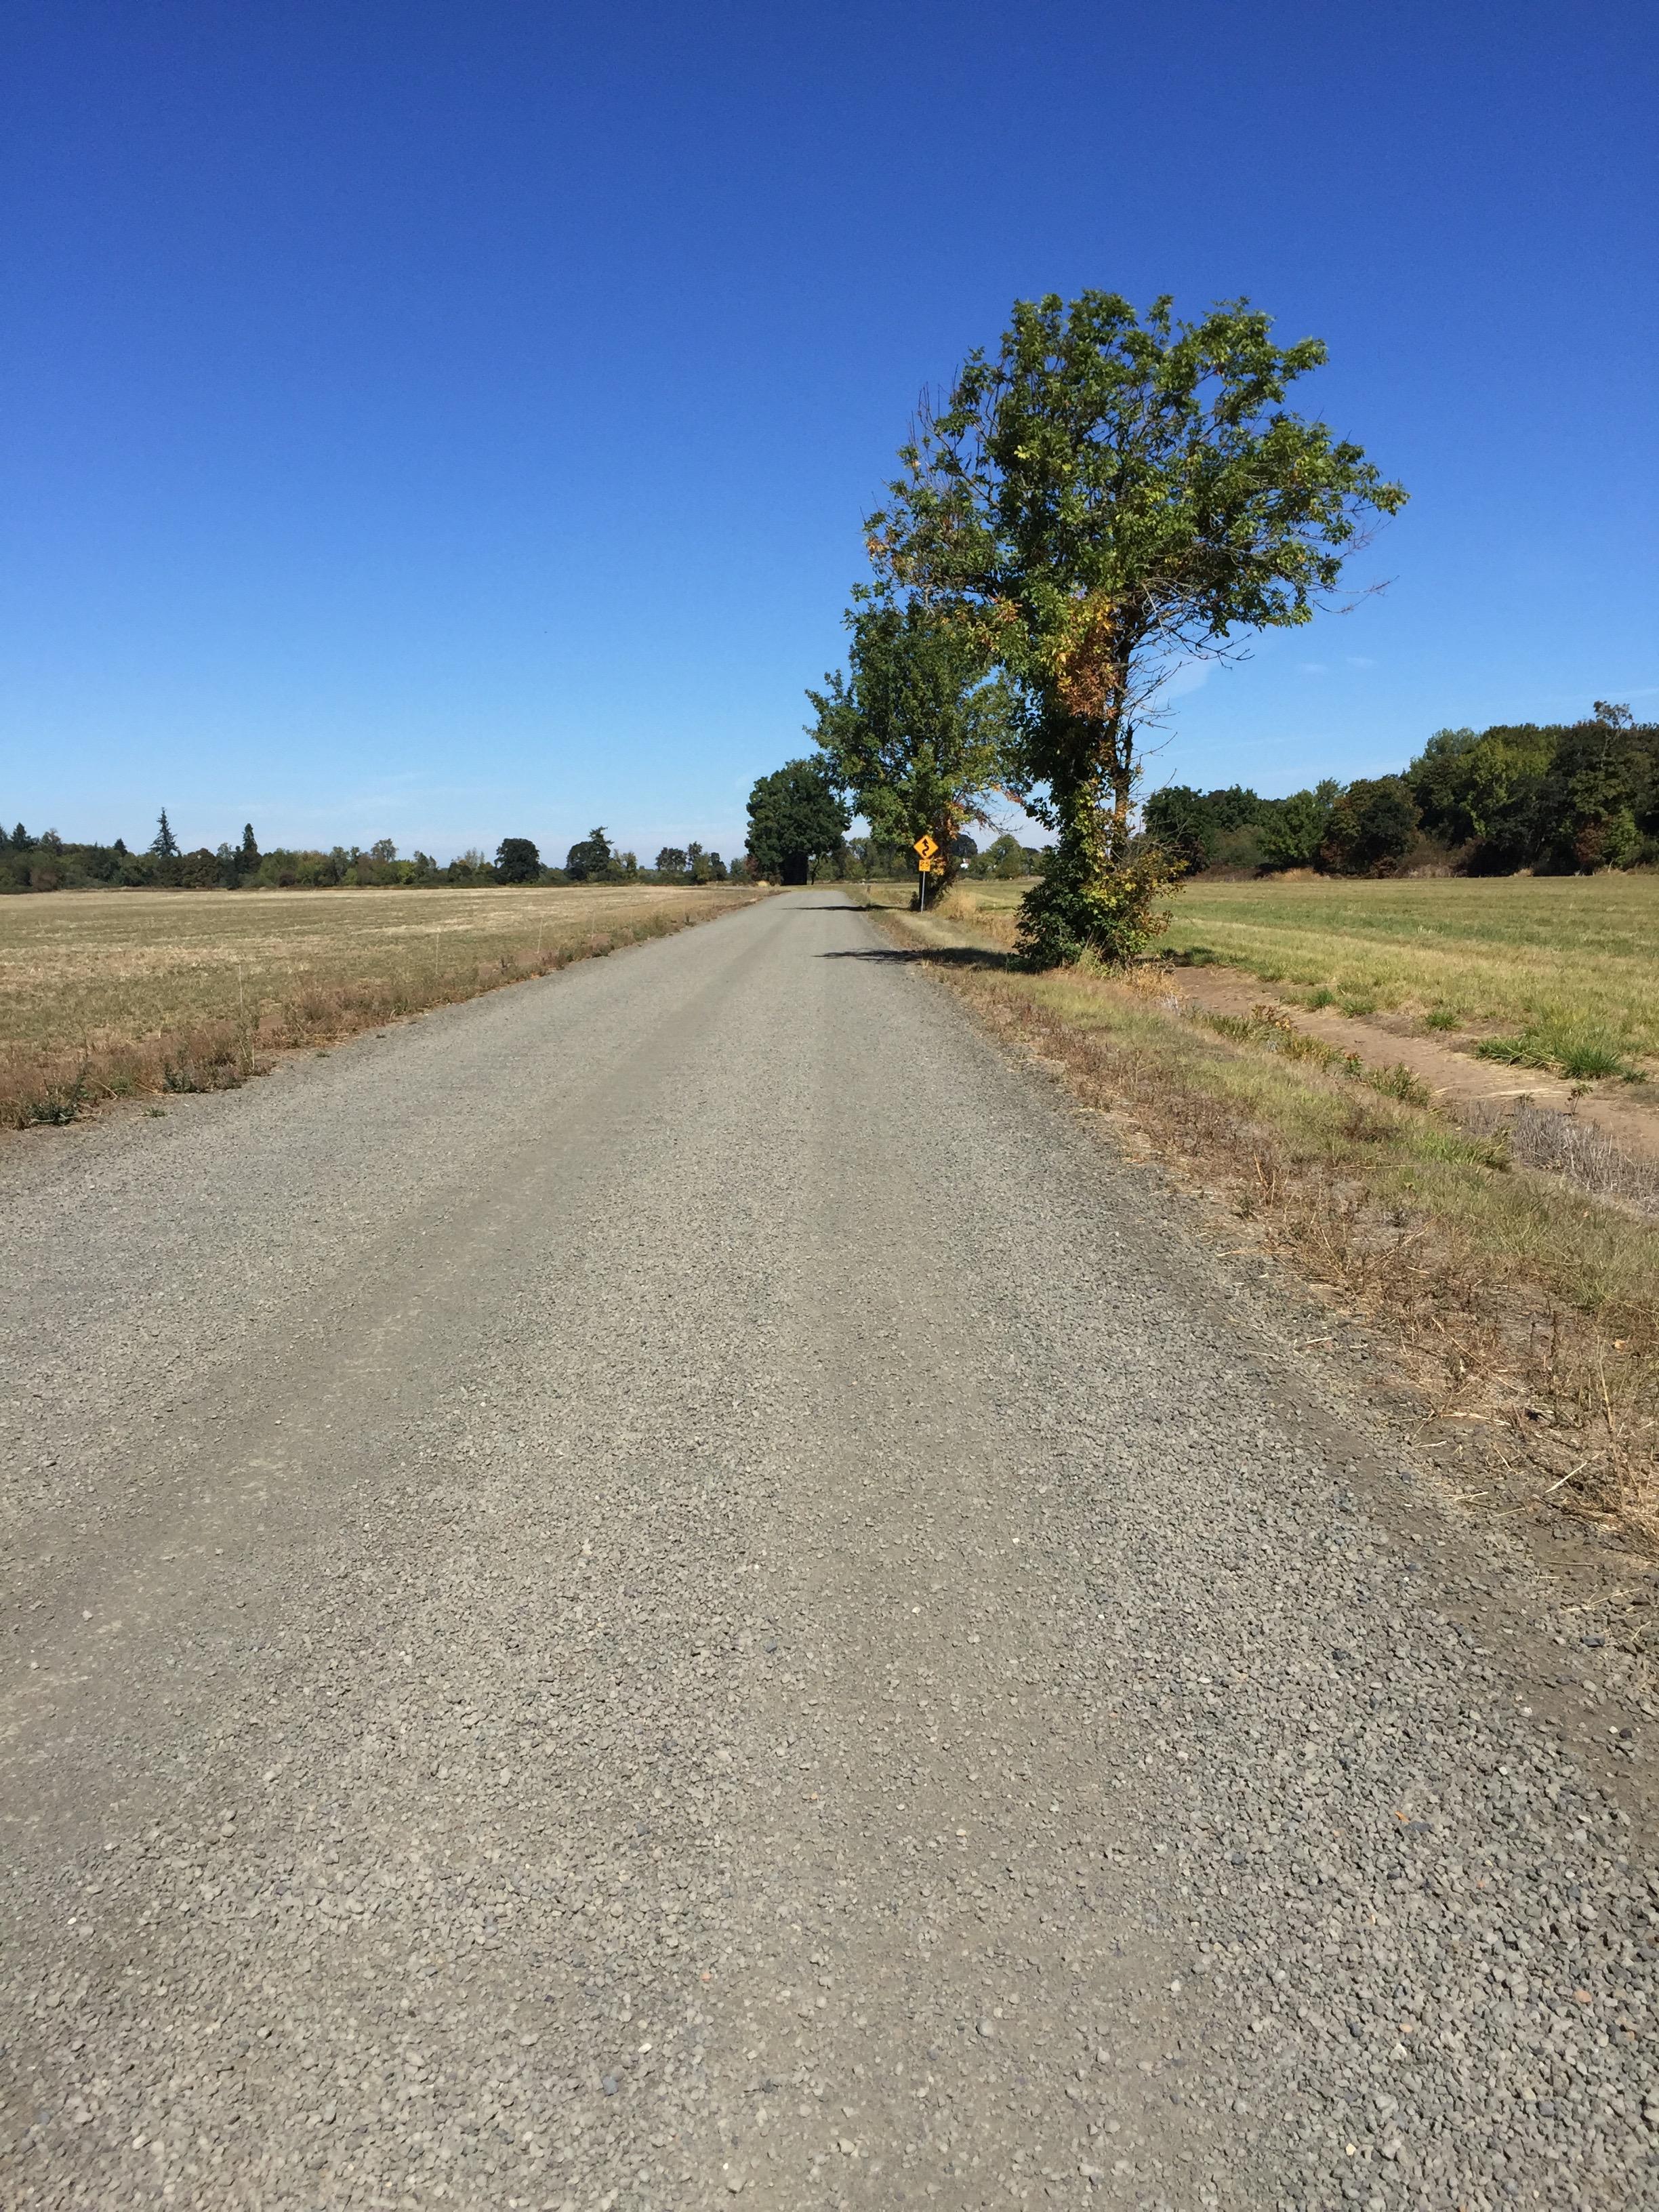 Driver Road